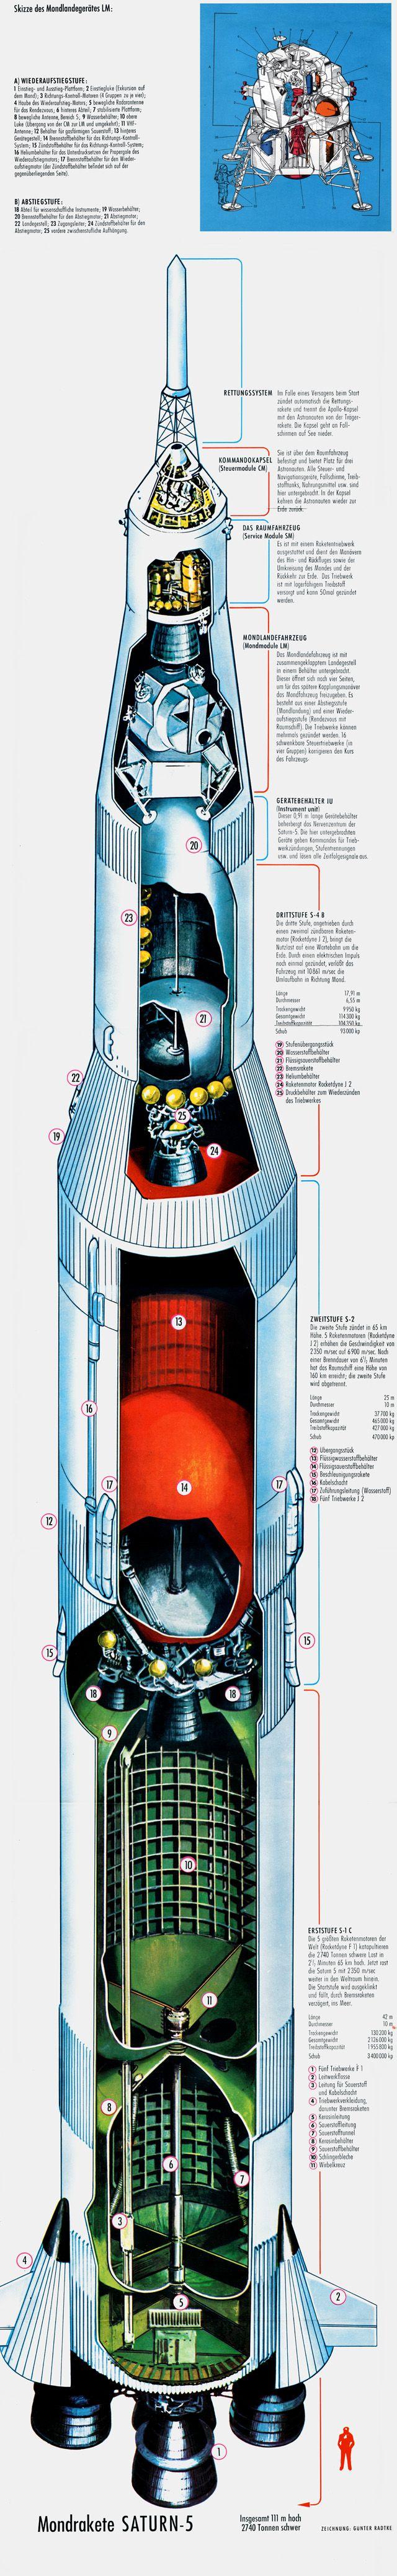 pre apollo space program - photo #40